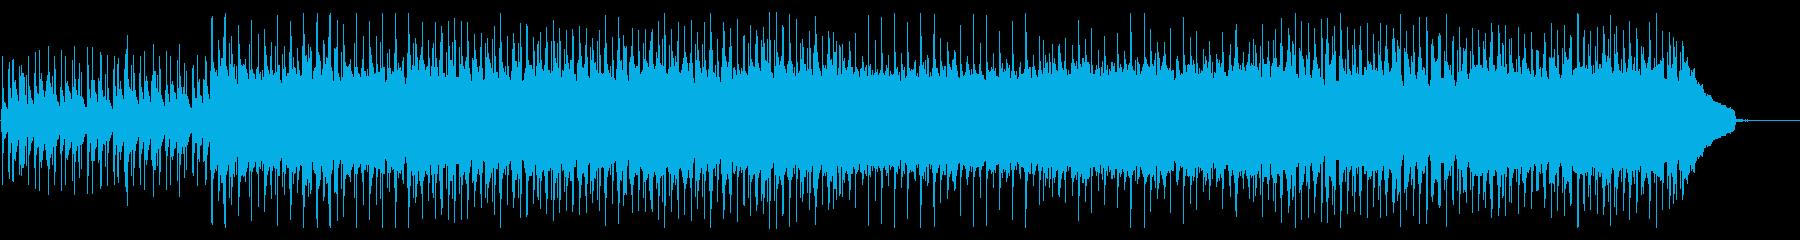 明るく優しい雰囲気のコーポレートBGMの再生済みの波形